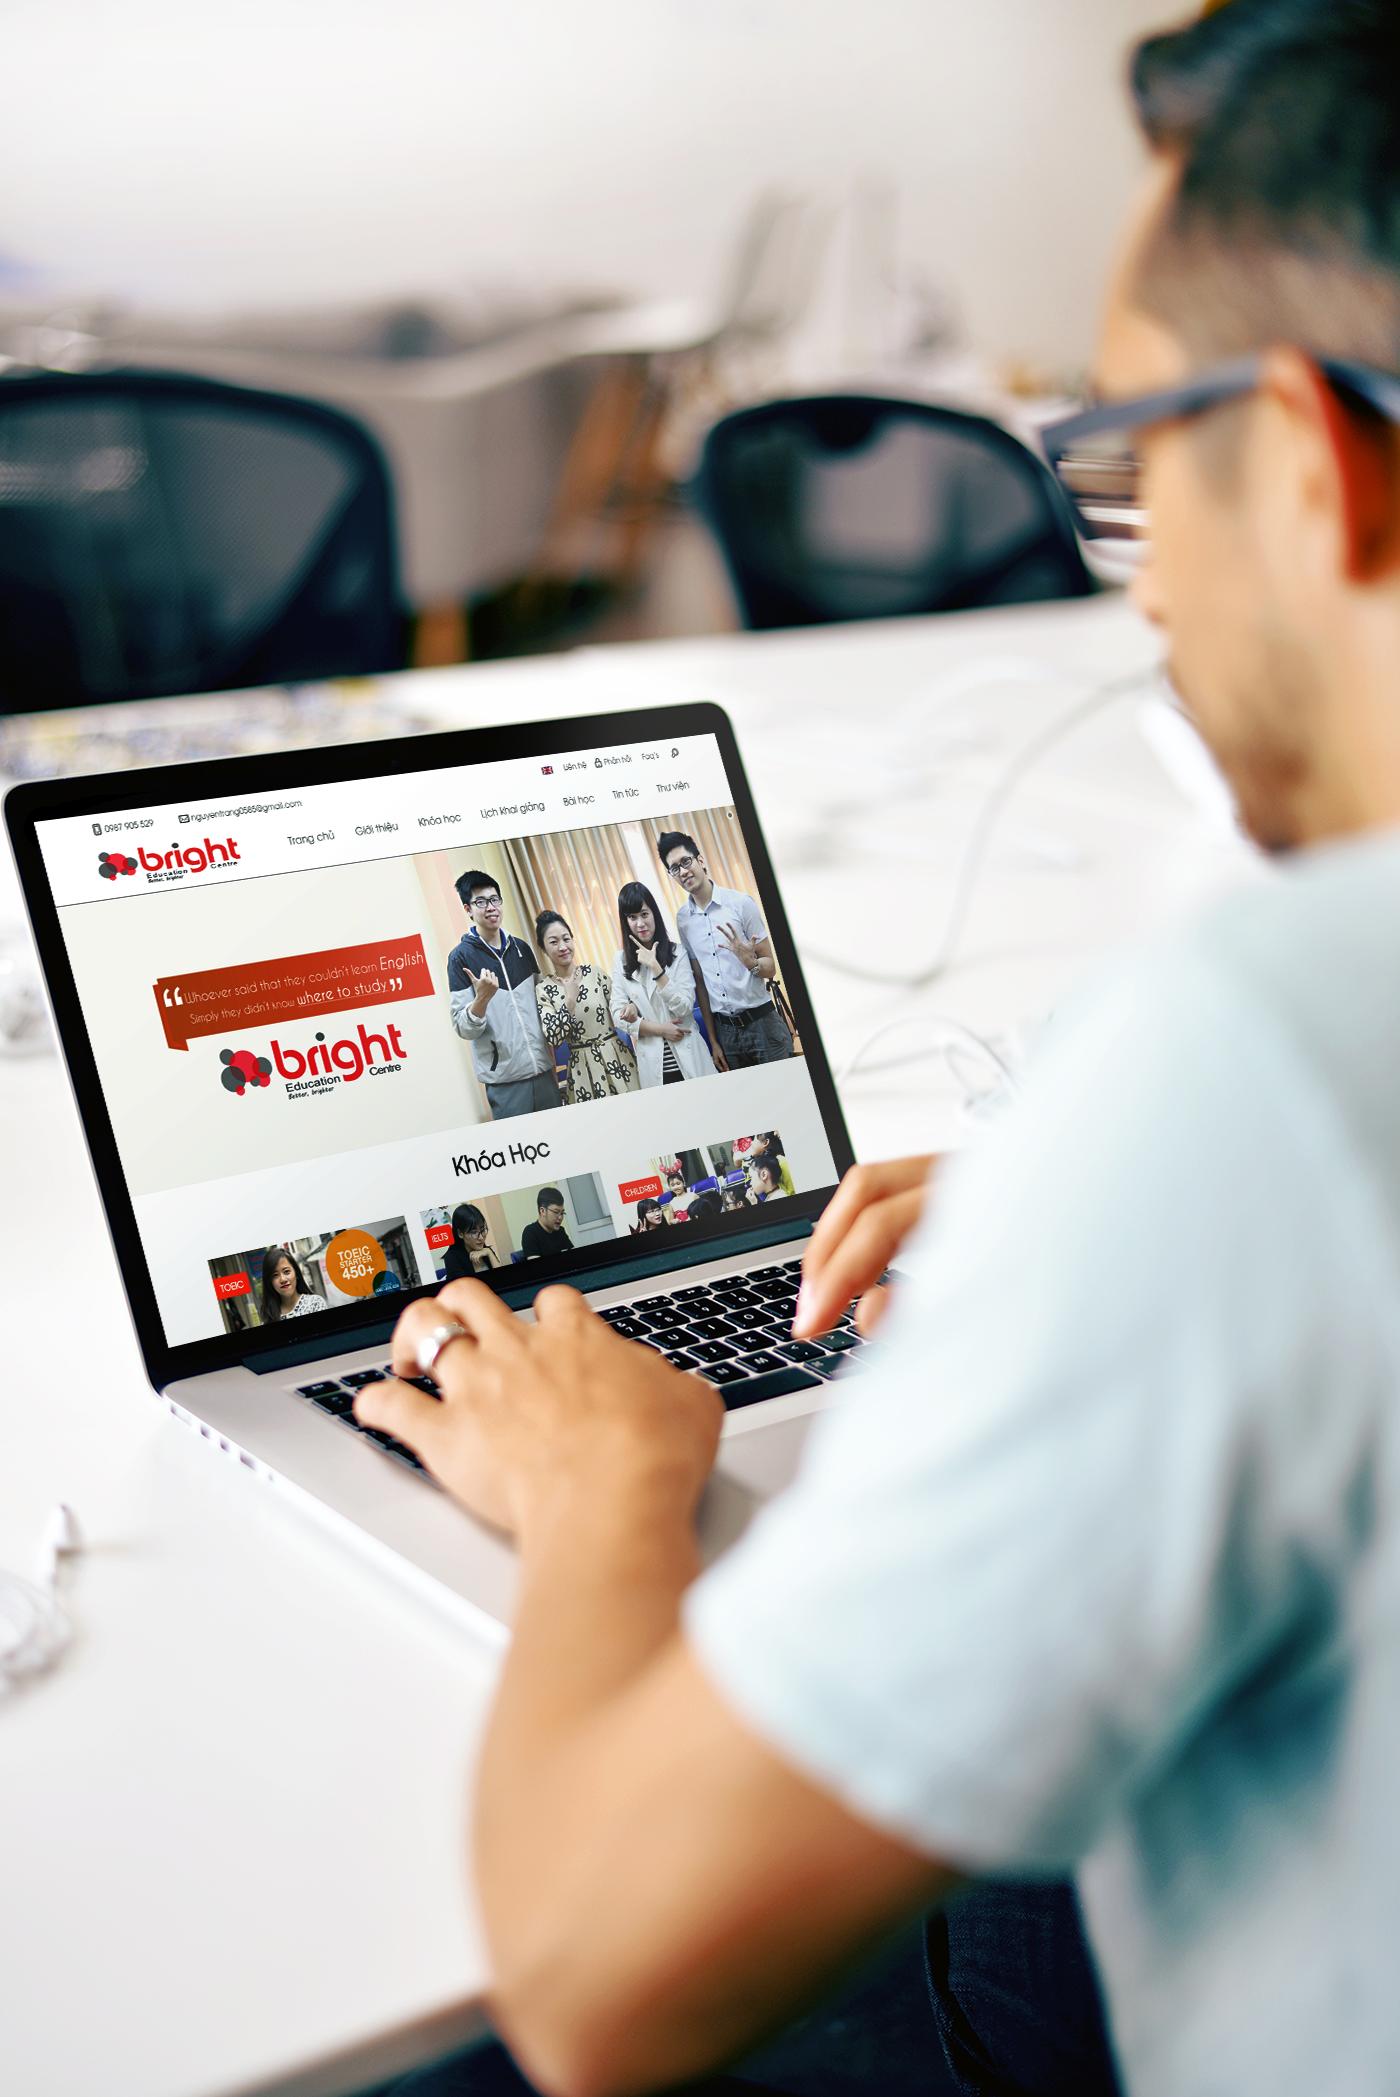 thiết kế website trung tâm tiếng anh bec.edu.vn